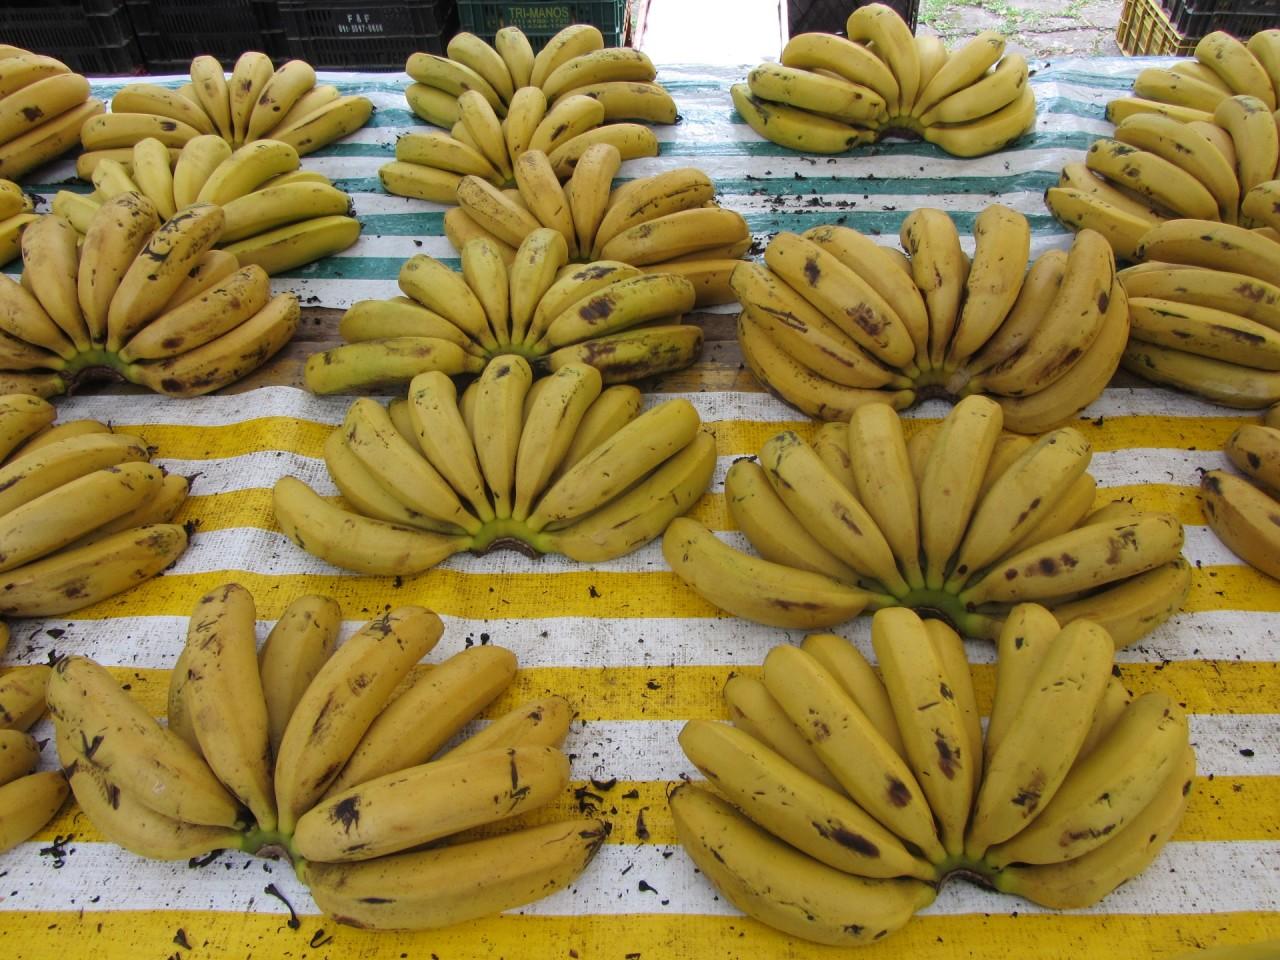 Benefícios da banana para as mulheres, Composição química da banana, Banana nanica benefícios e malefícios